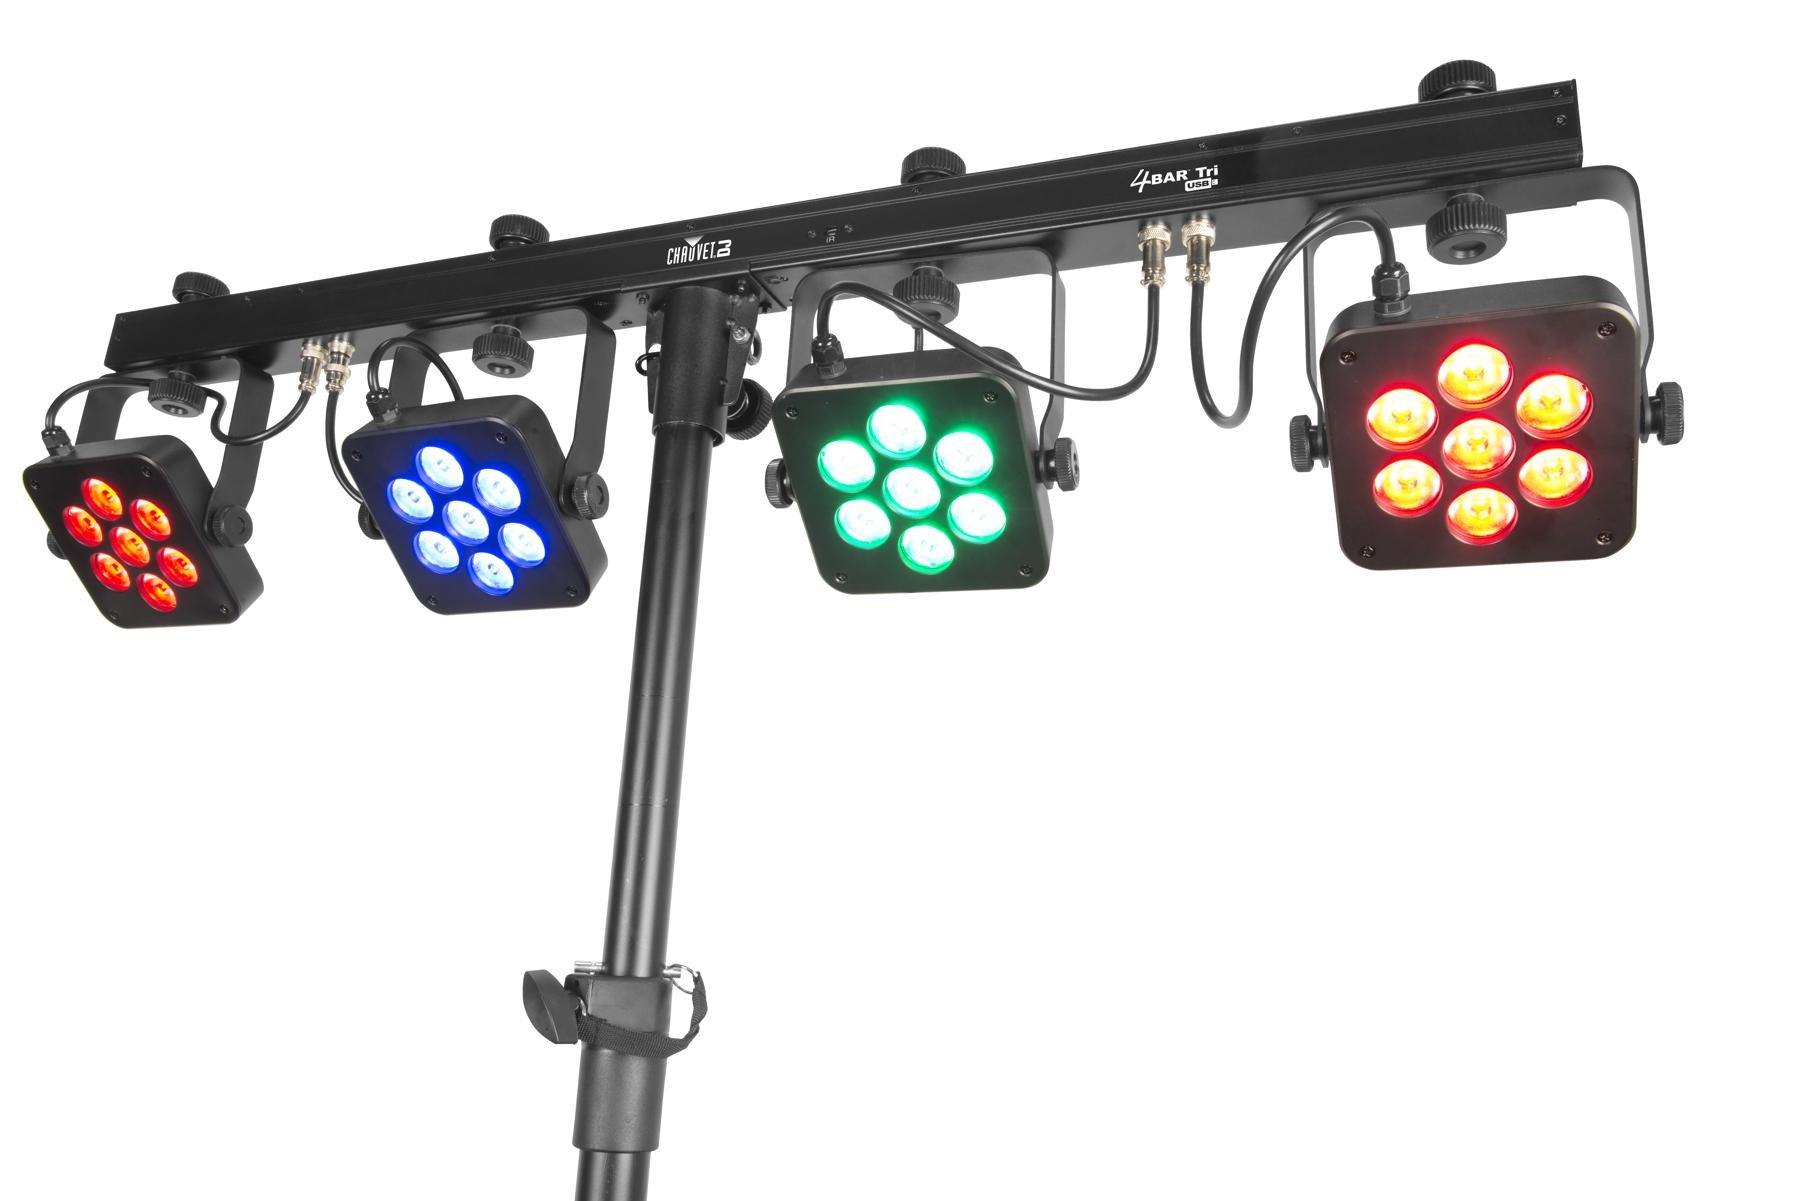 Chauvet DJ 4BAR Tri USB 4 x RGB Par System w/ Stand image 1  sc 1 st  Sweetwater & Chauvet DJ 4BAR Tri USB 4 x RGB Par System w/ Stand | Sweetwater azcodes.com